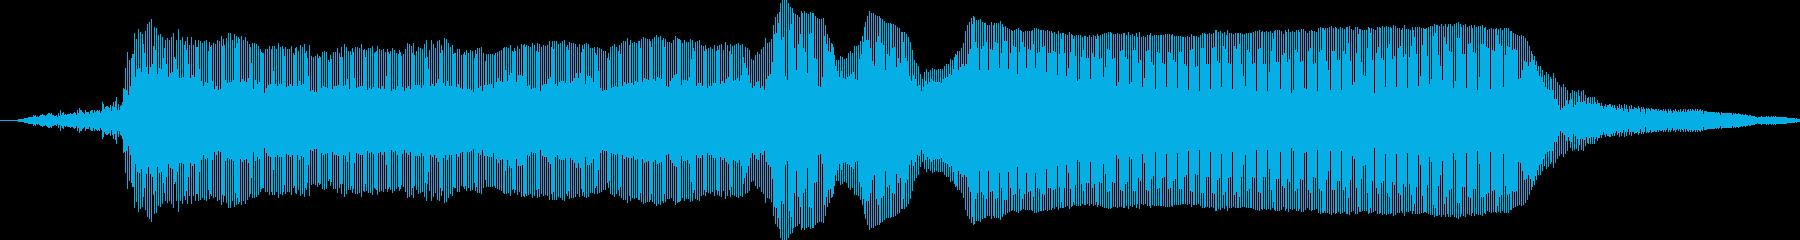 こぶし04(D)の再生済みの波形